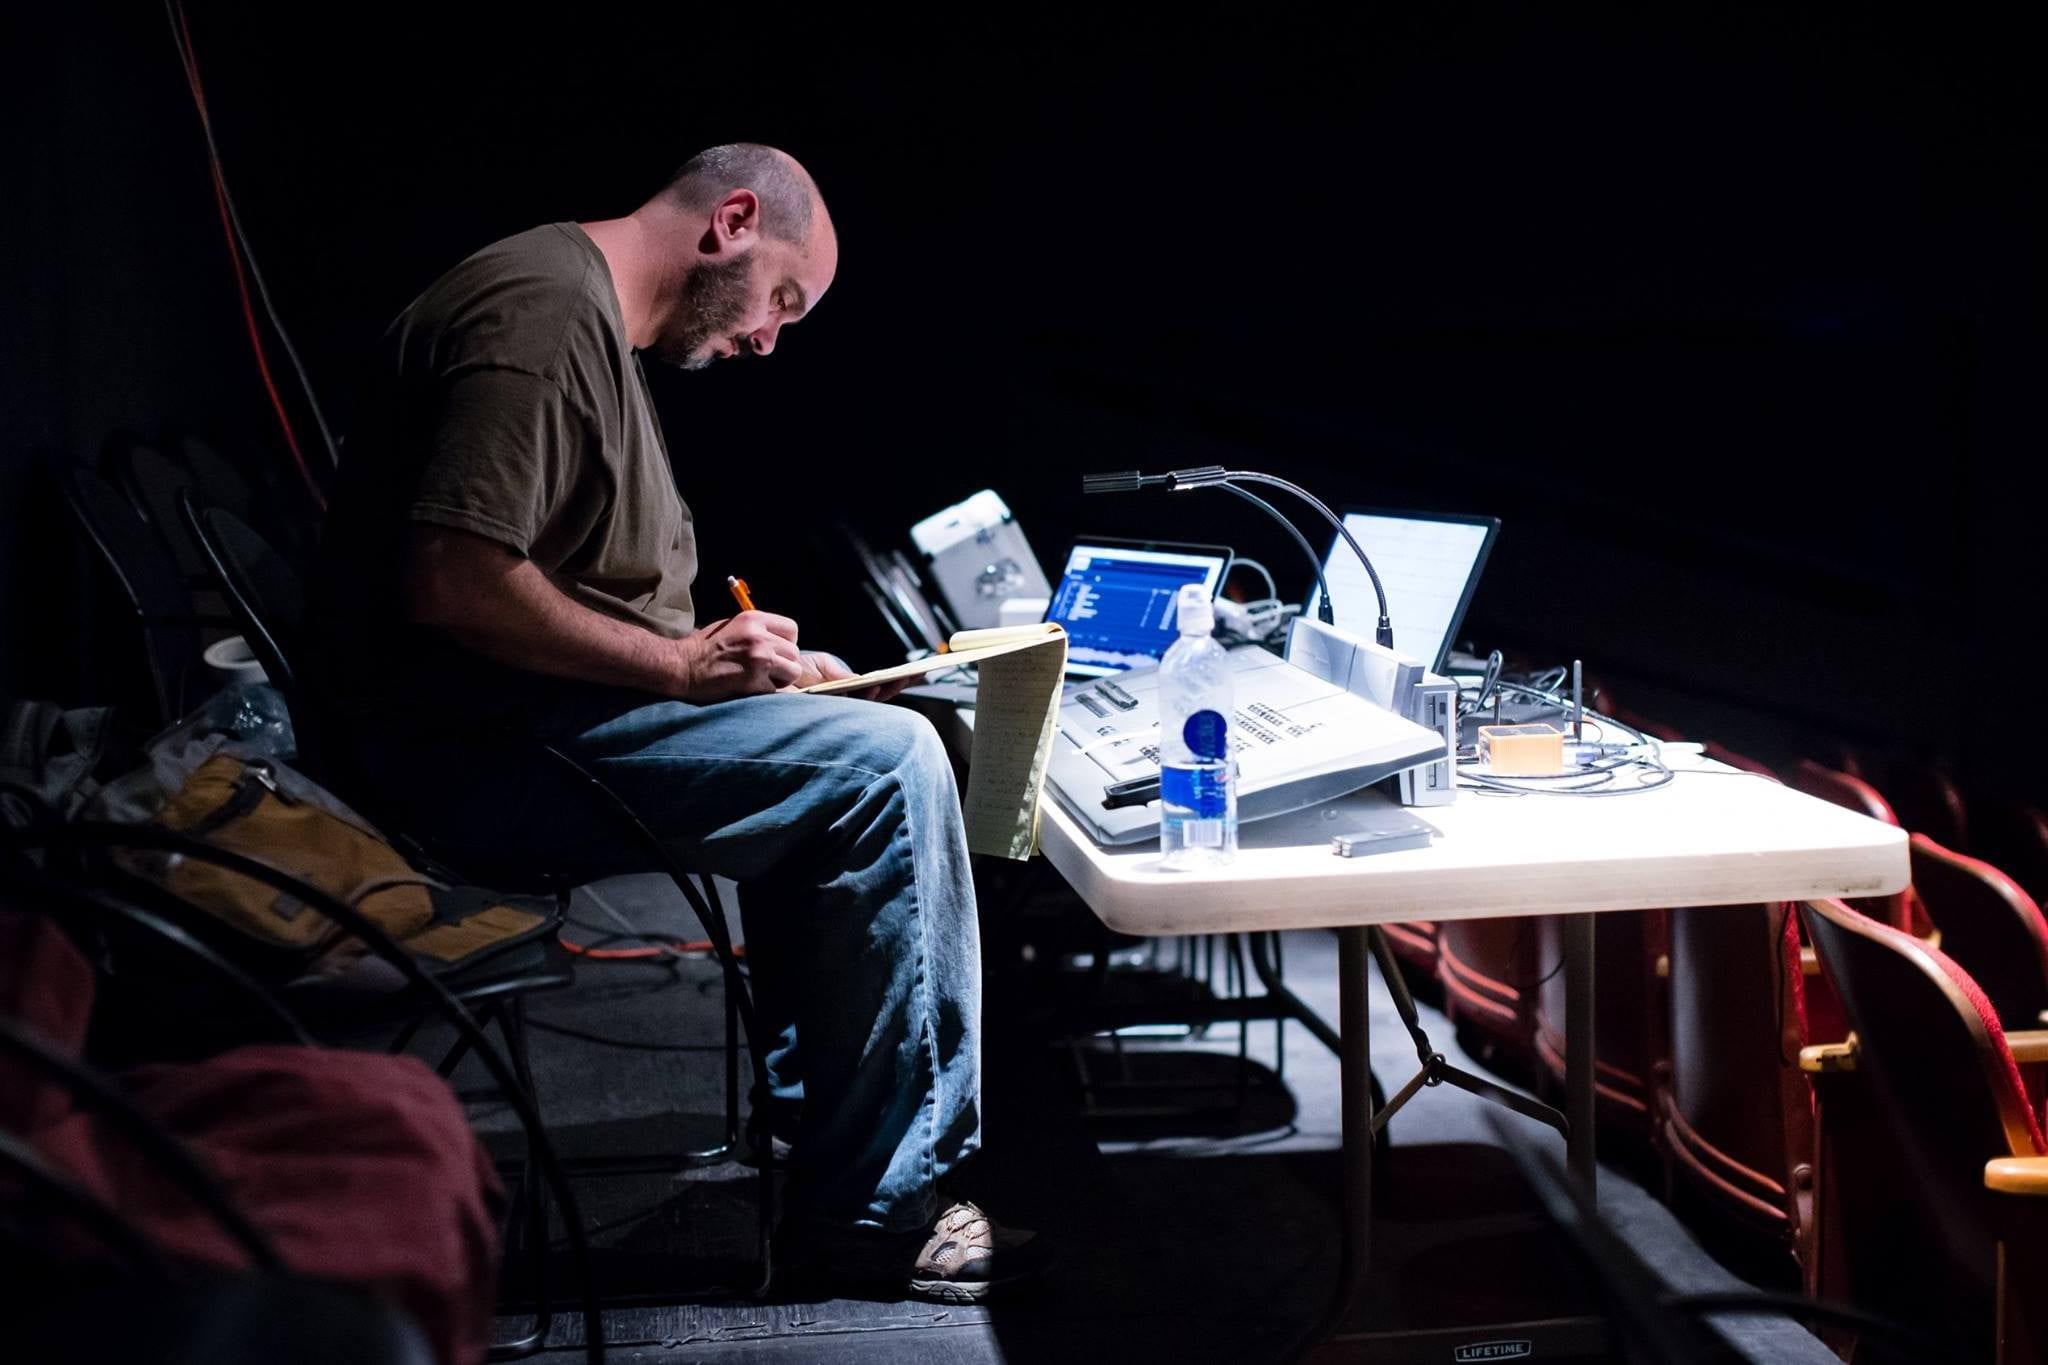 Stephen Pruitt at work